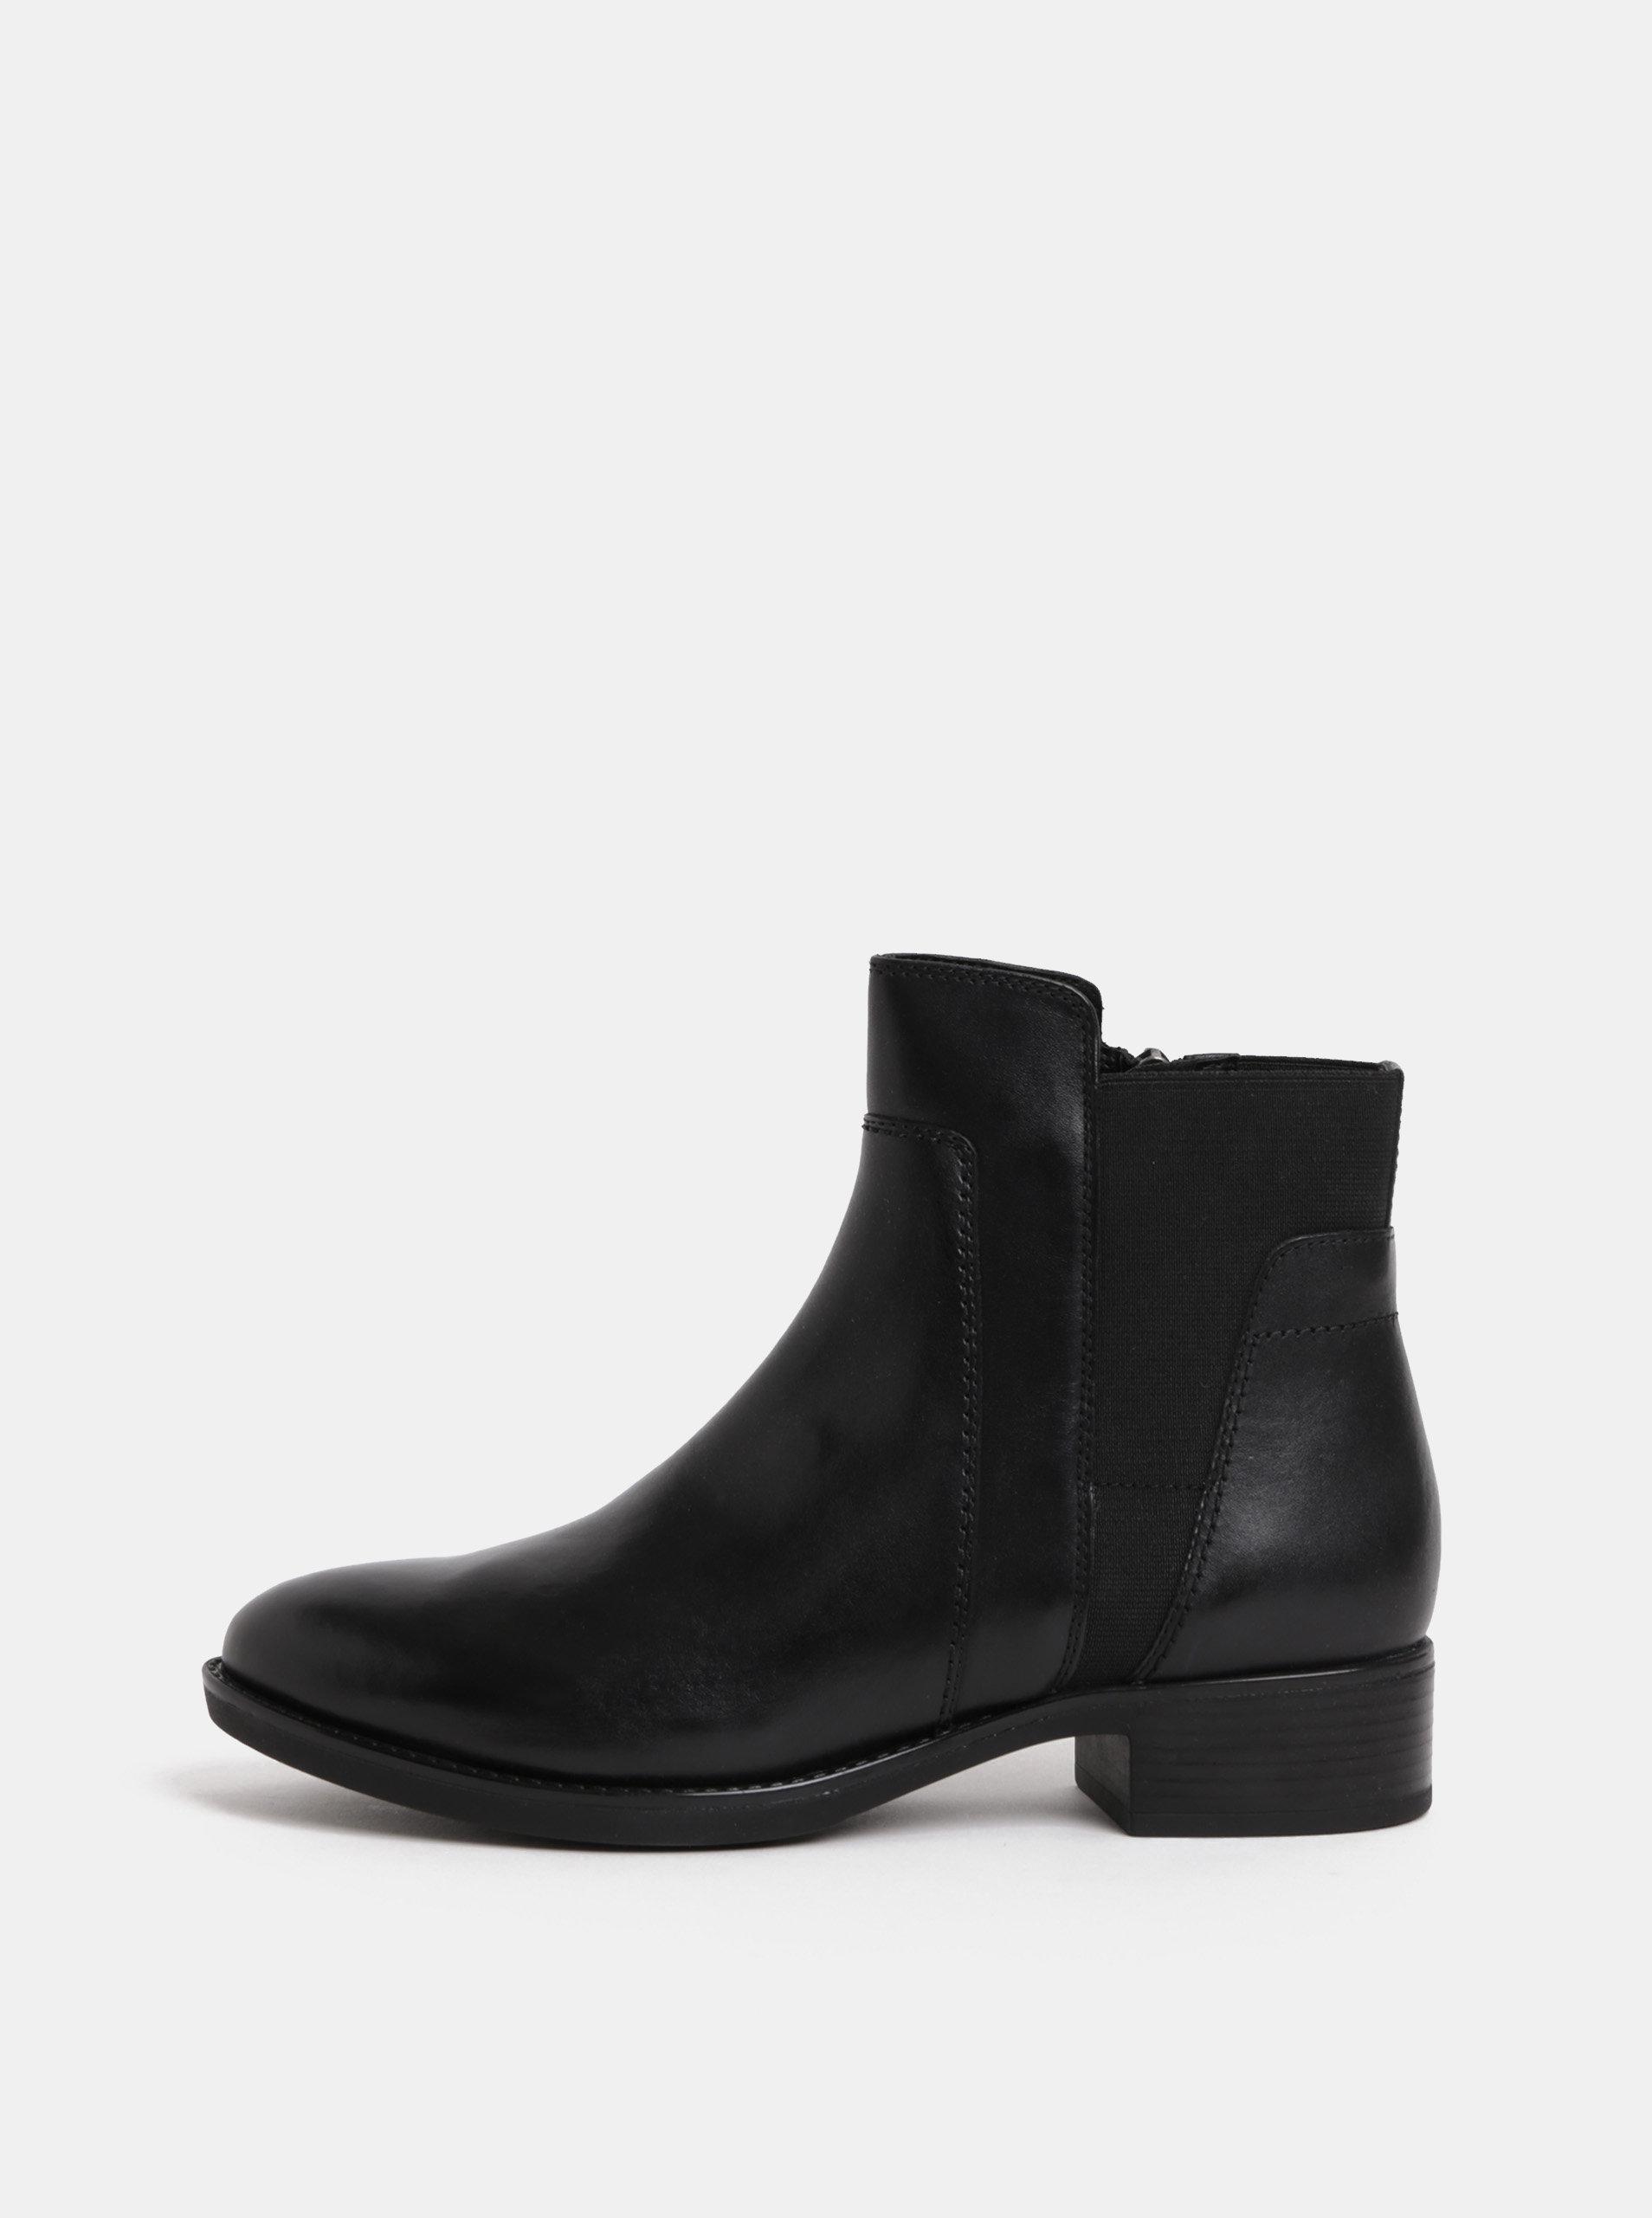 c3f896b2af56 Čierne dámske kožené chelsea topánky Geox Felicity ...